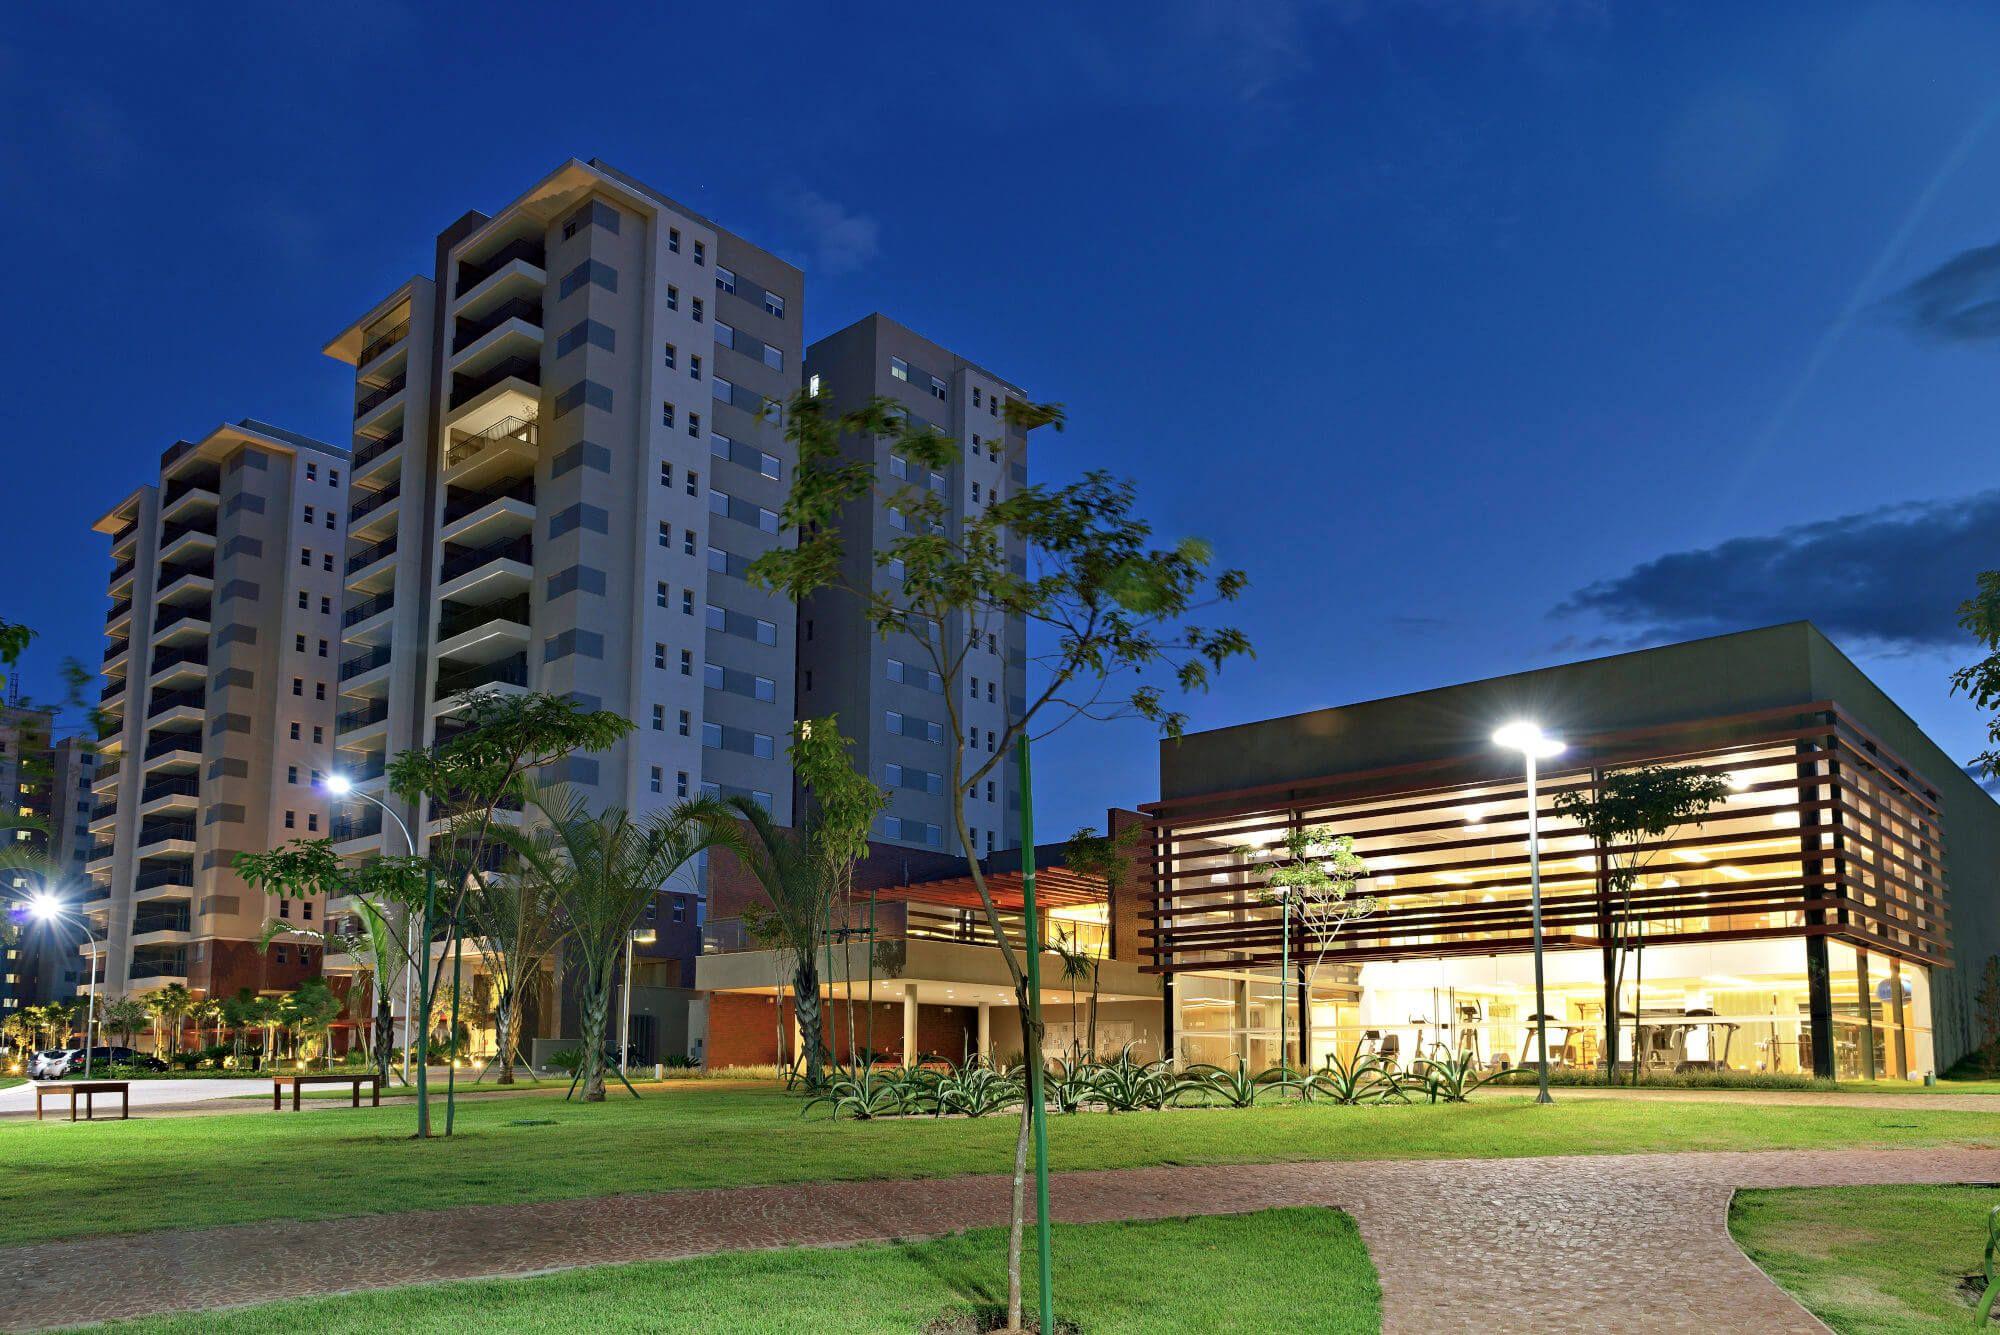 515 - Apto Jardim Saint Gerard 140 m²